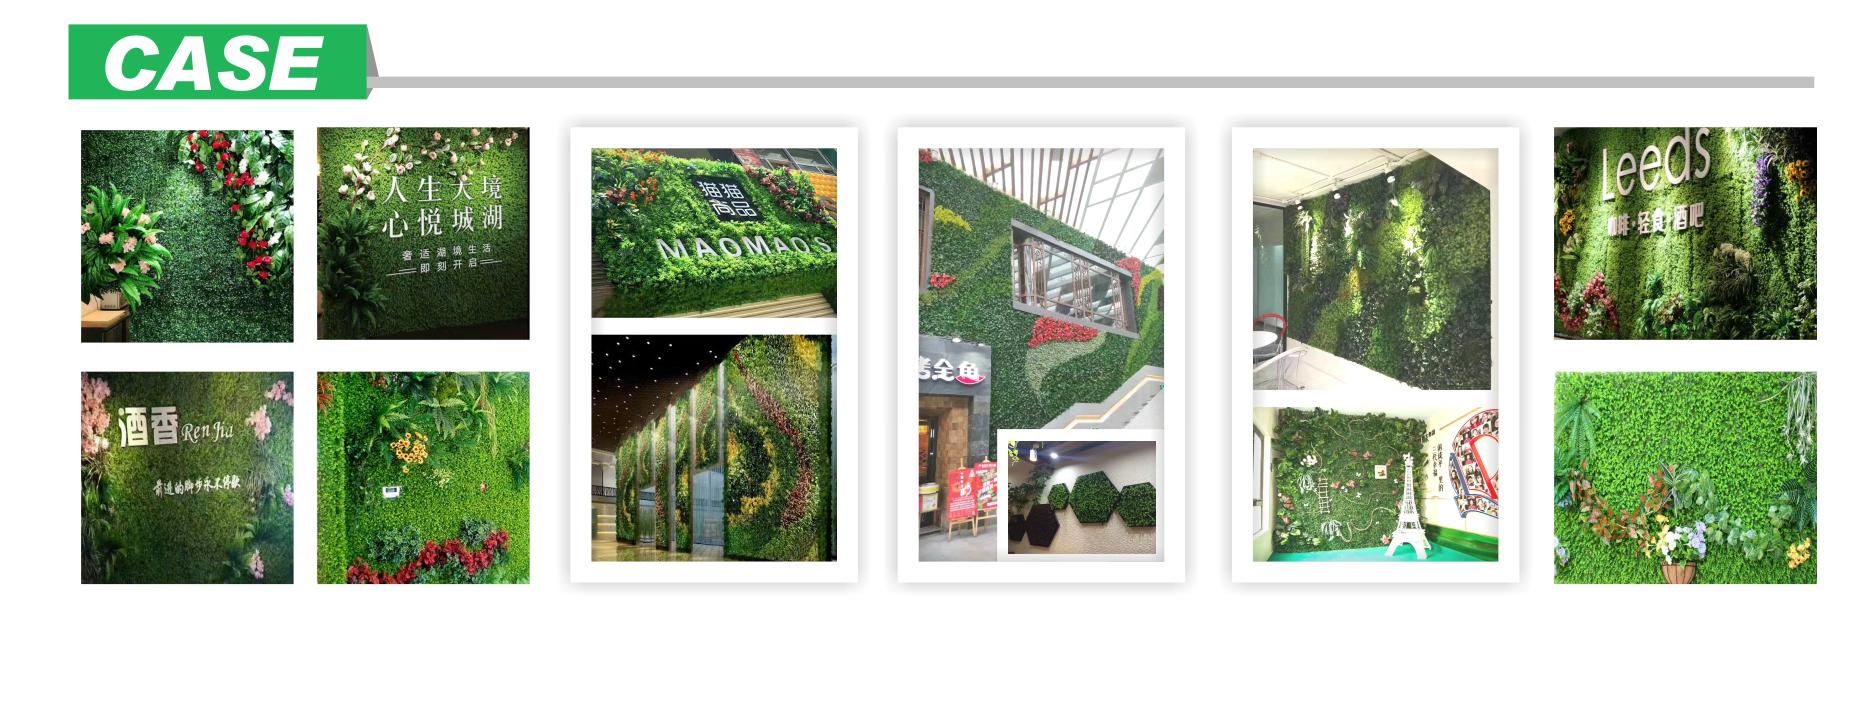 Offre Spéciale mur de plantes artificielles/salon mur vert pour terrasse et jardin